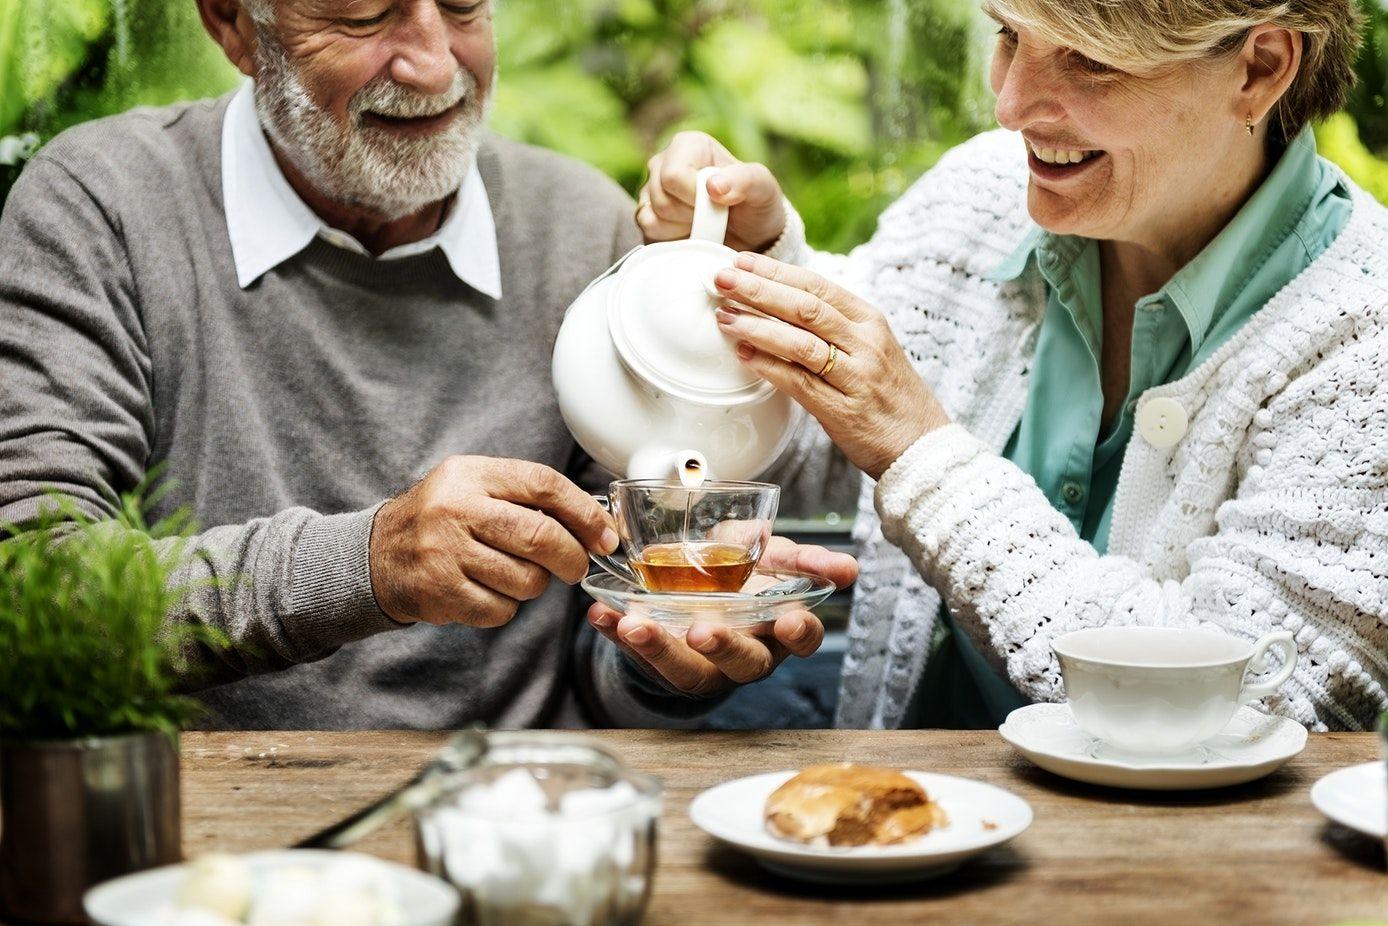 Philadelphia Australian Seniors Online Dating Site